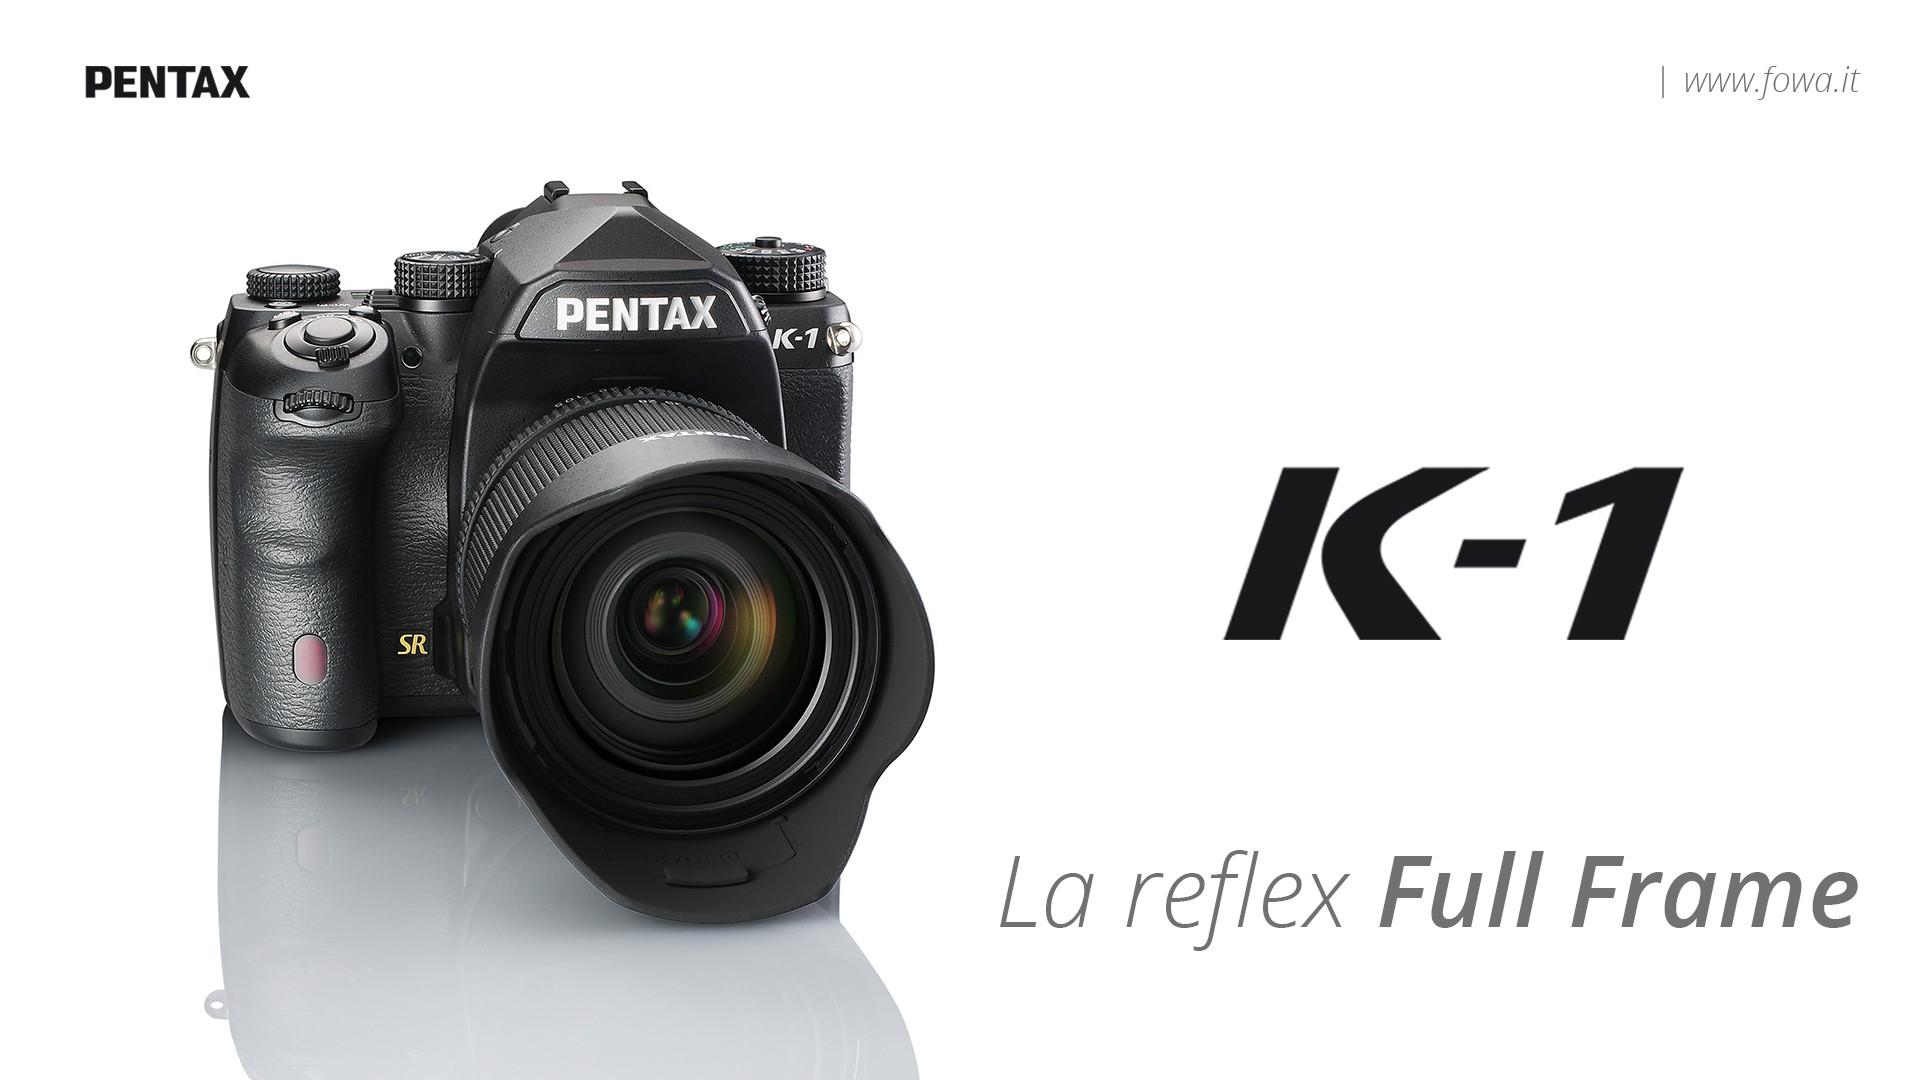 Pentax K-1 , la full frame più attesa dal mercato fotografico ...